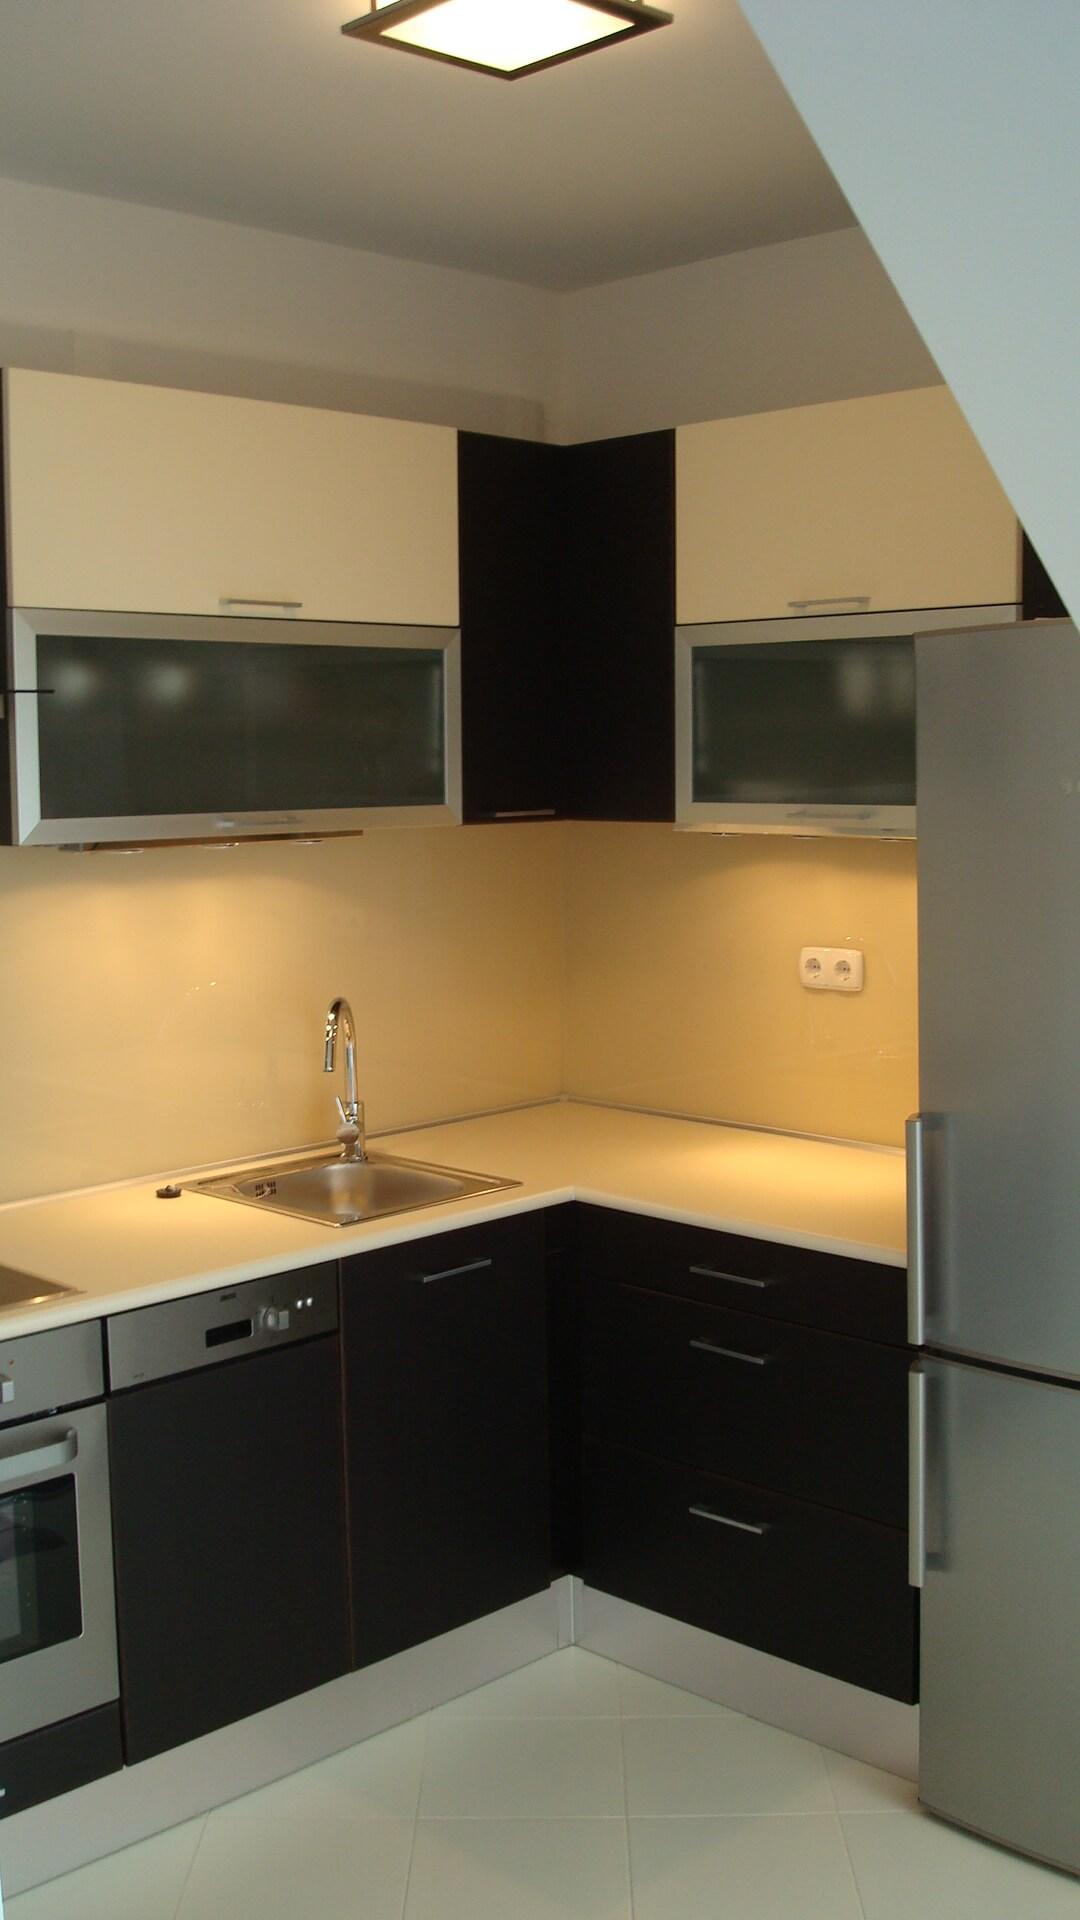 Blokk konyha LED világítással